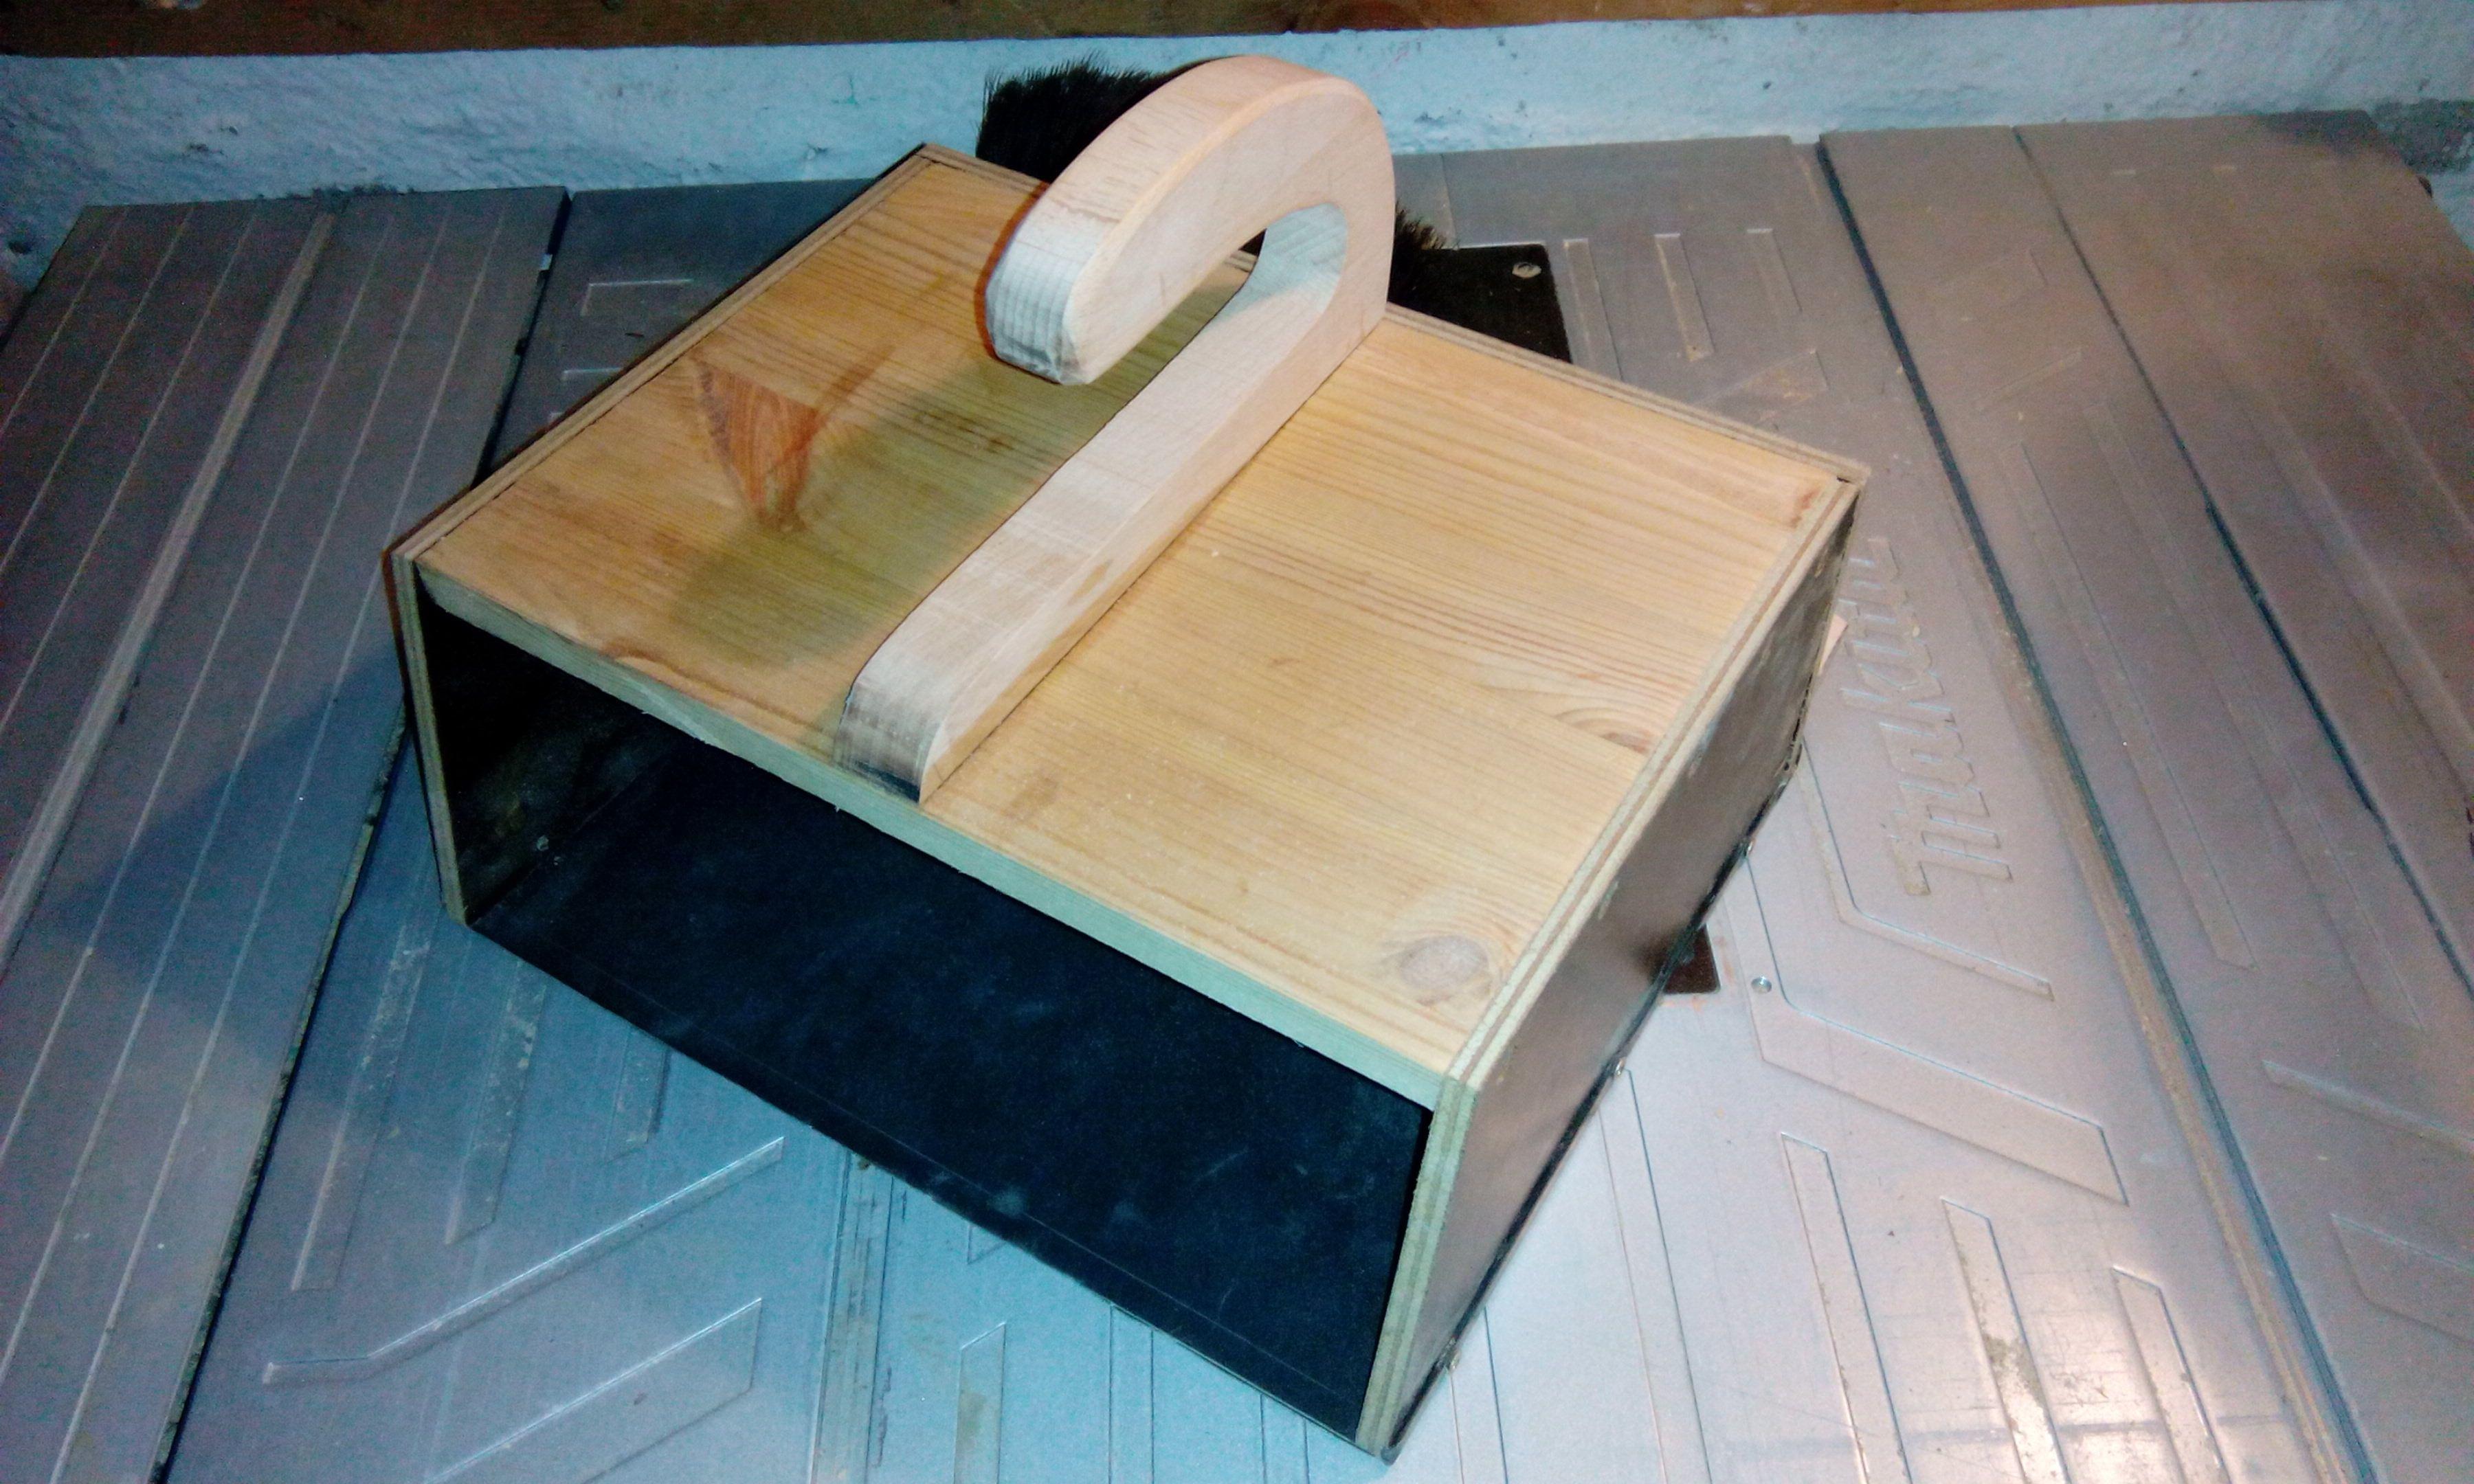 werkstattschaufel bauanleitung zum selber bauen. Black Bedroom Furniture Sets. Home Design Ideas